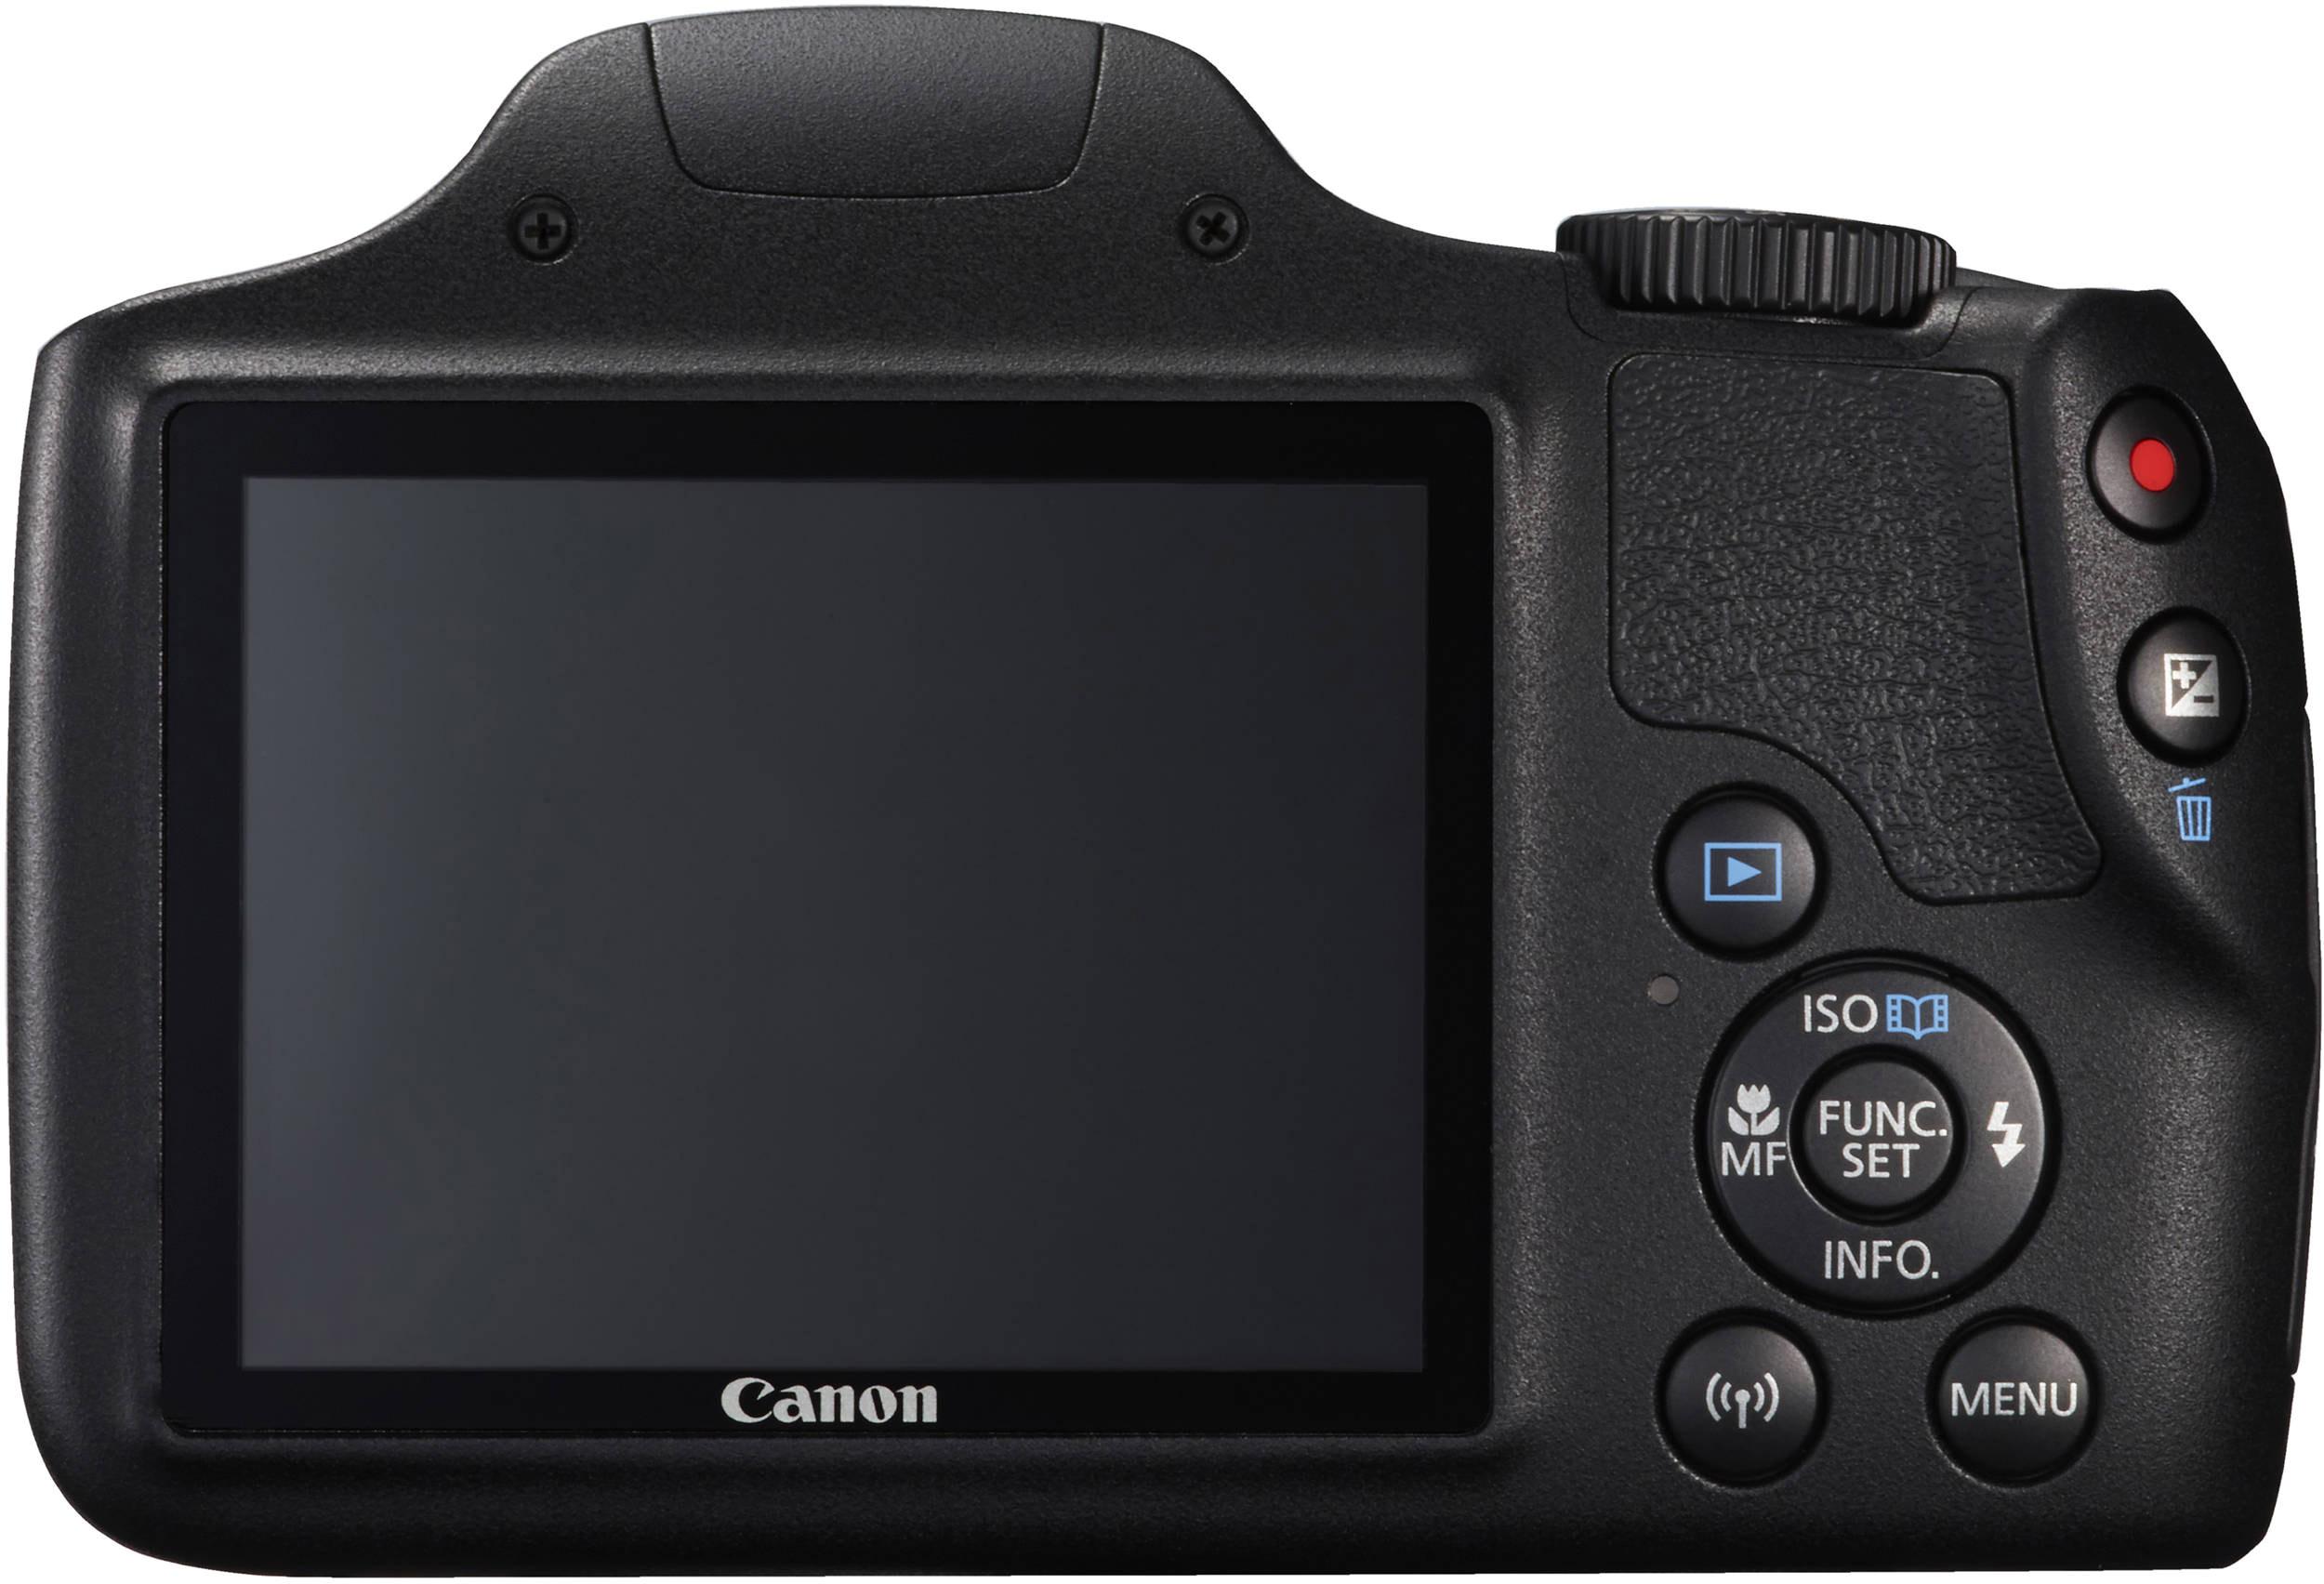 внешнему виду главные качества хорошего фотоаппарата инъекции являются